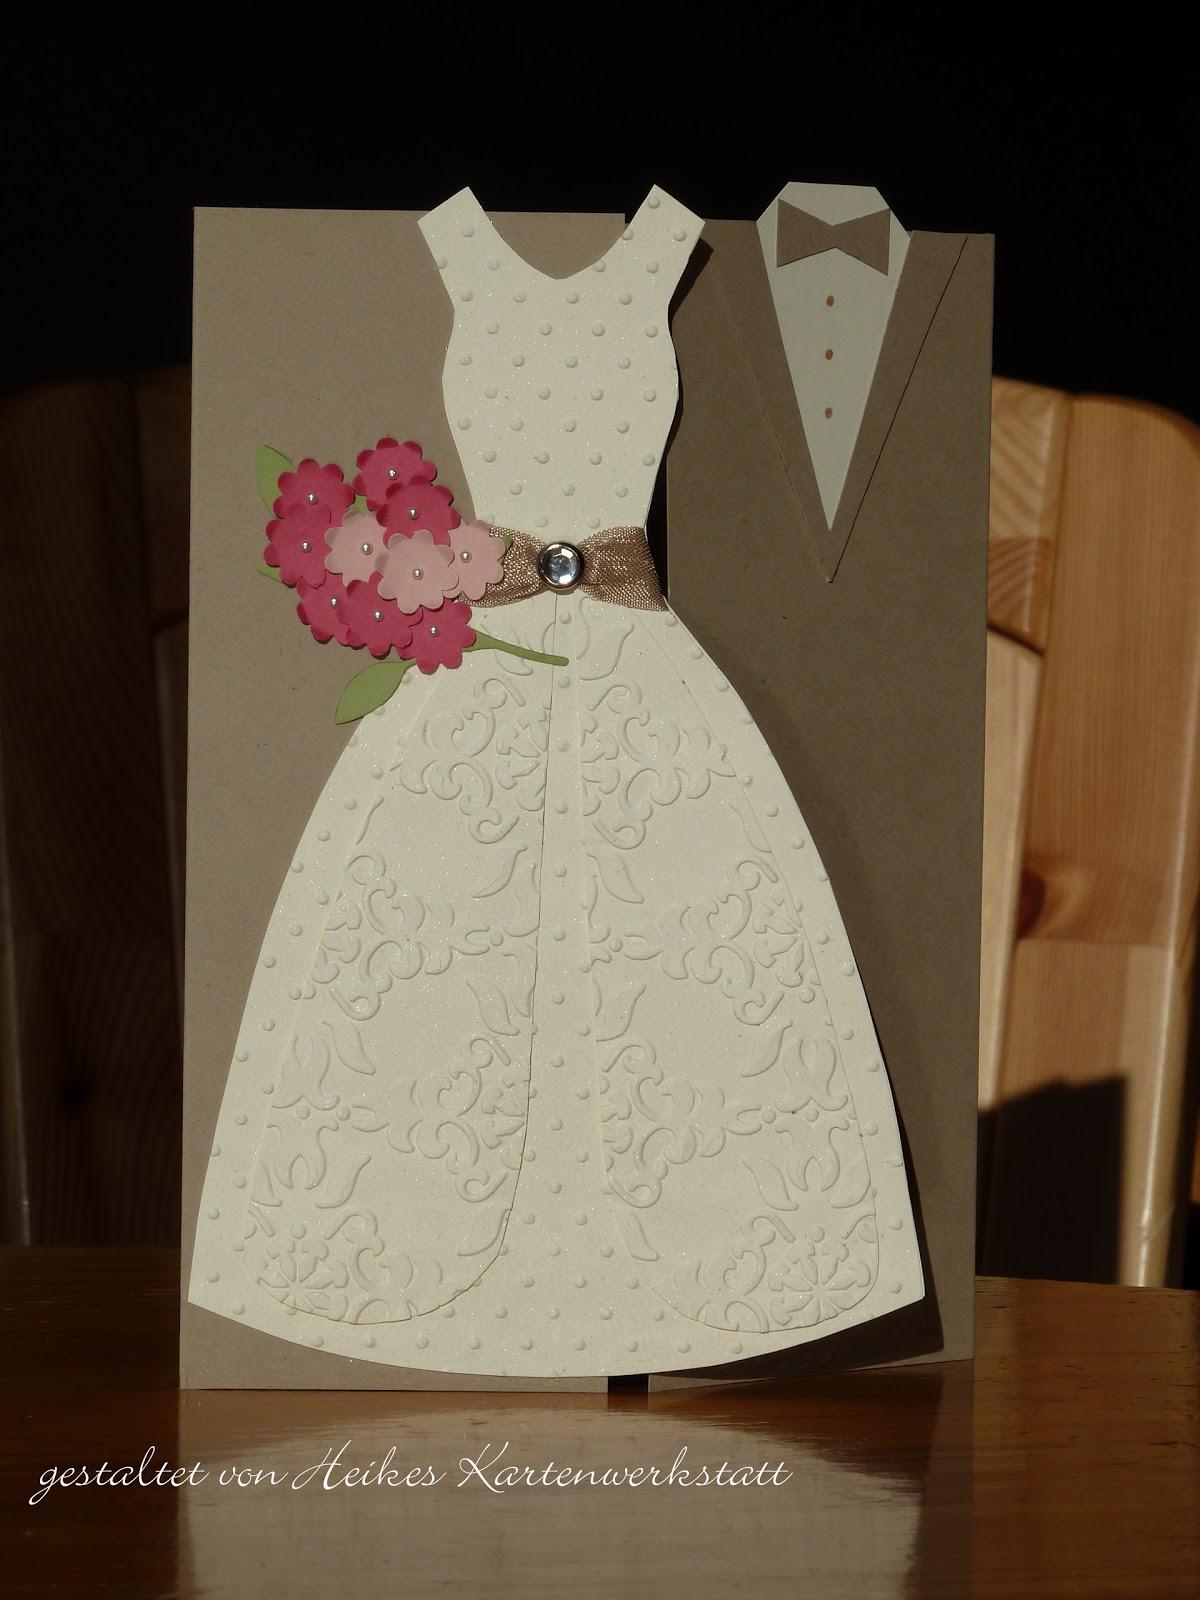 Heikes Kartenwerkstatt Hochzeitsgrusse